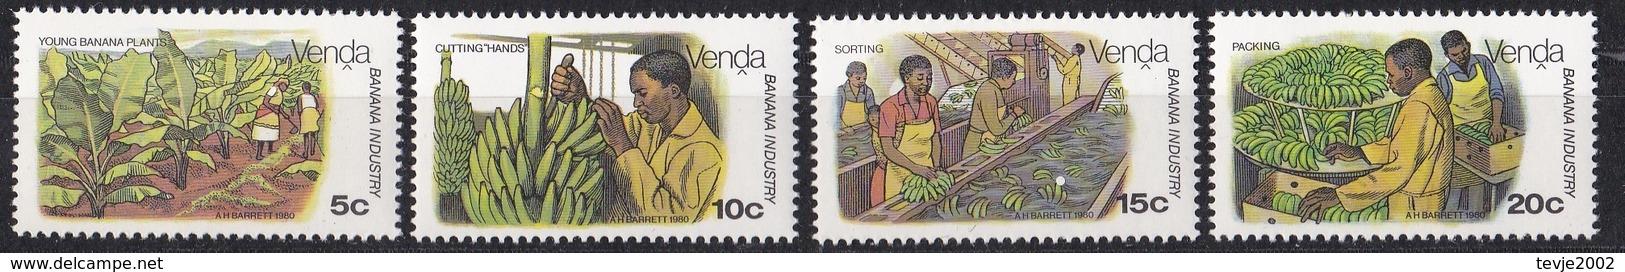 Wib_ Venda - Mi.Nr. 30 - 33 - Postfrisch MNH - Bananen Bananas - Venda